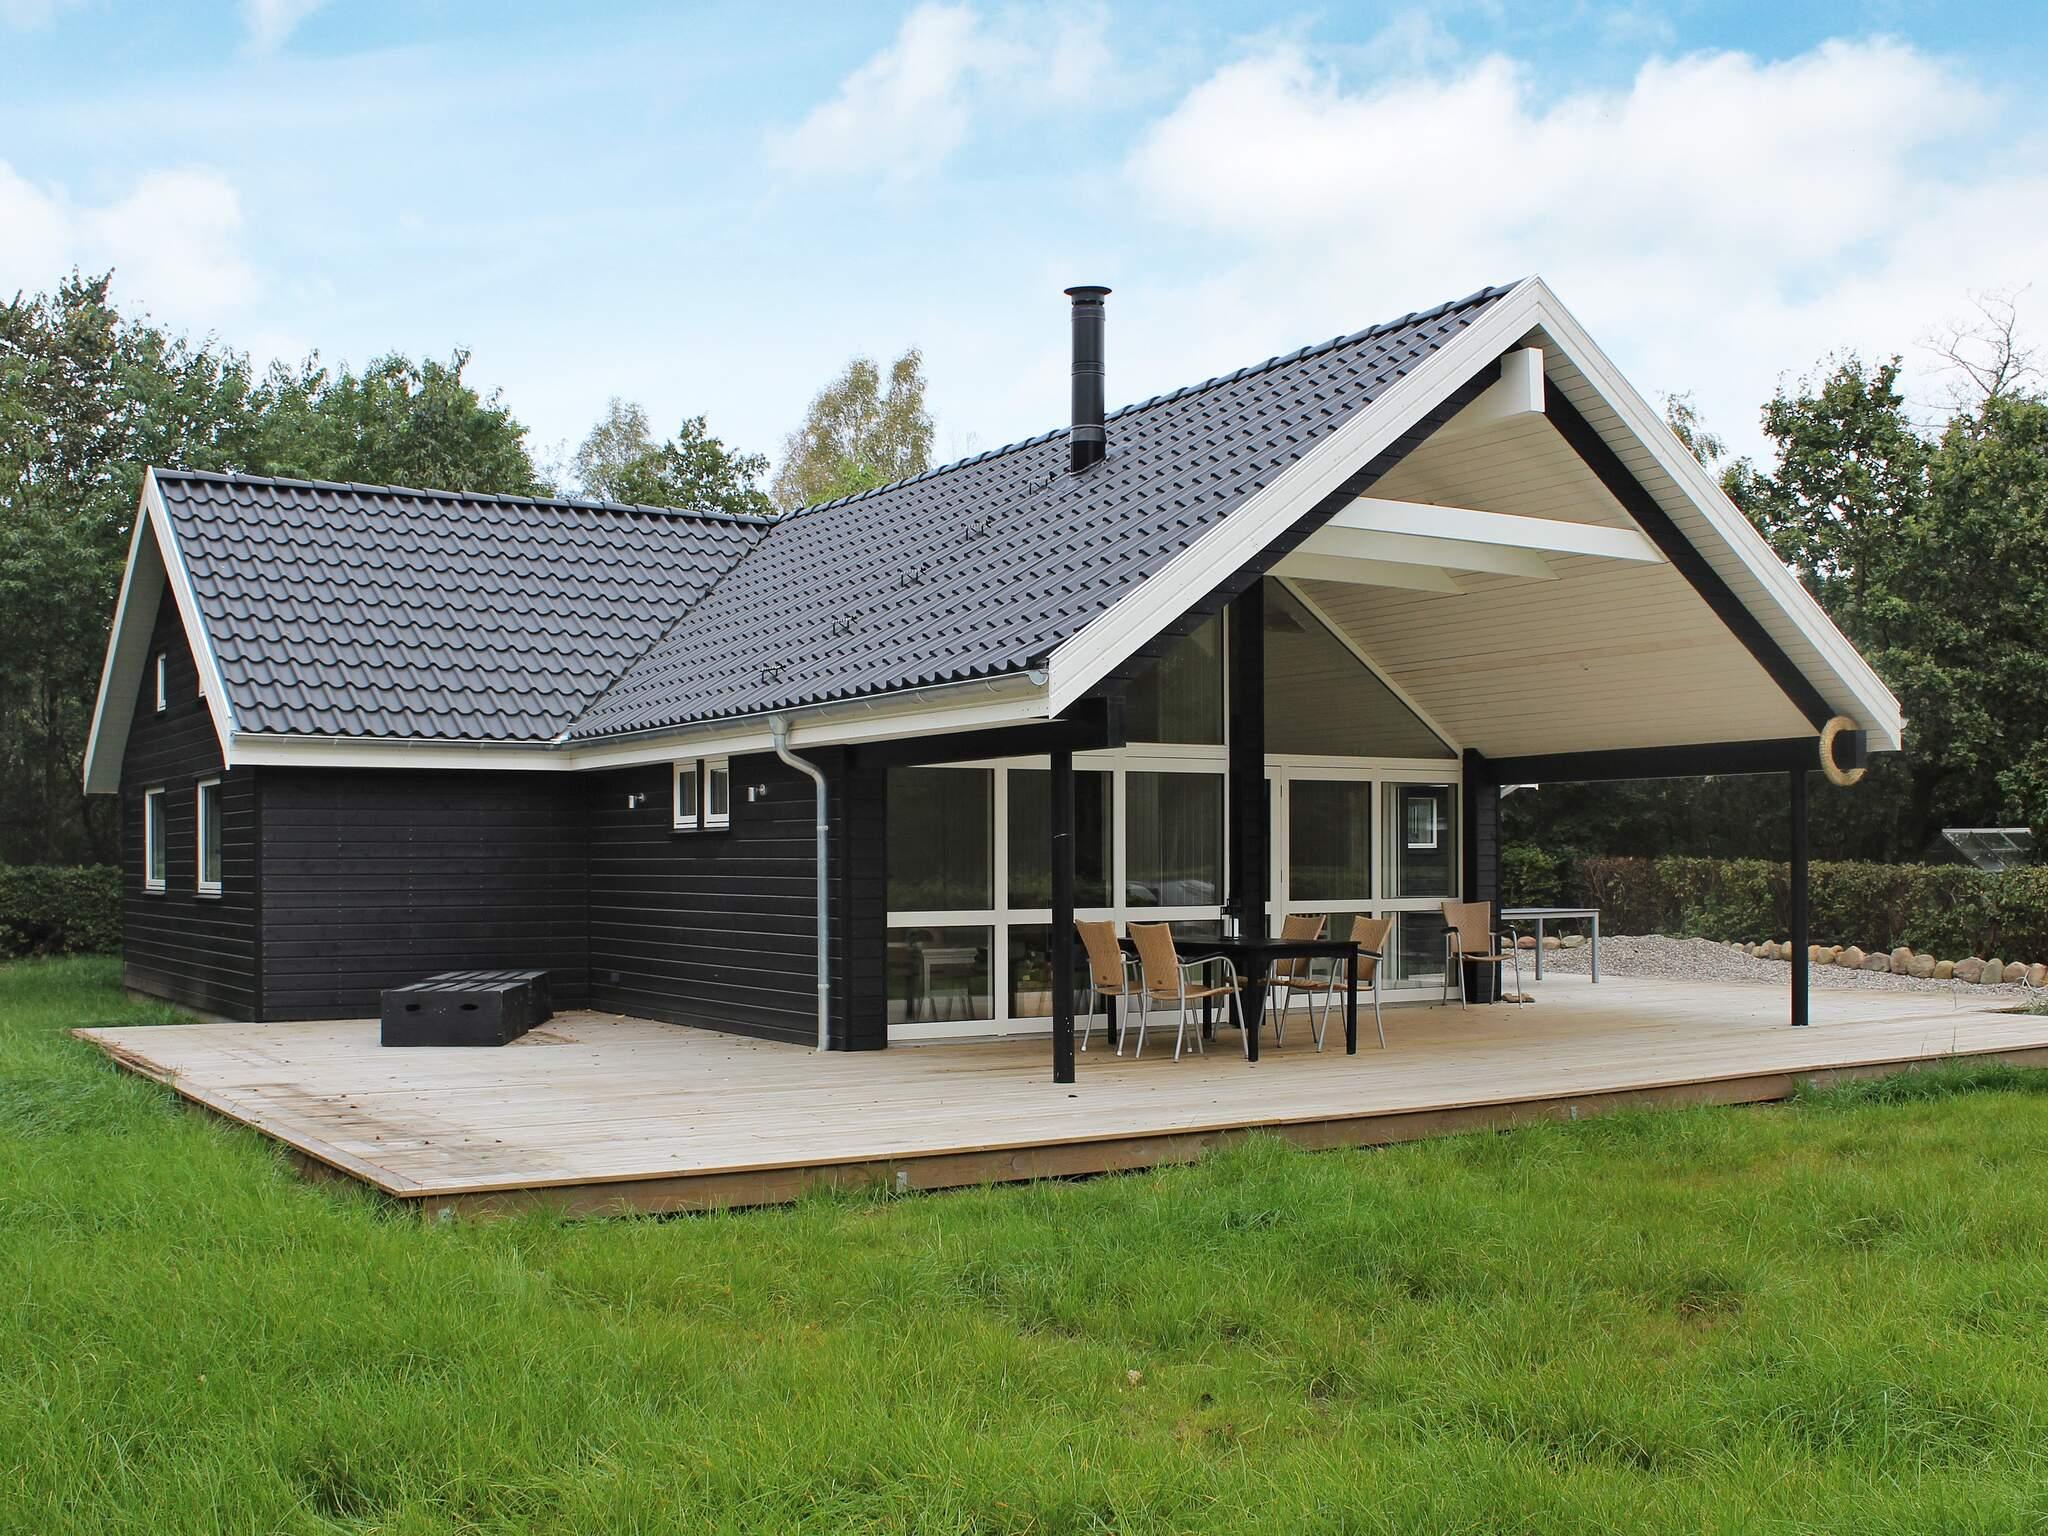 Ferienhaus Silkeborg (2523581), Silkeborg, , Ostjütland, Dänemark, Bild 27